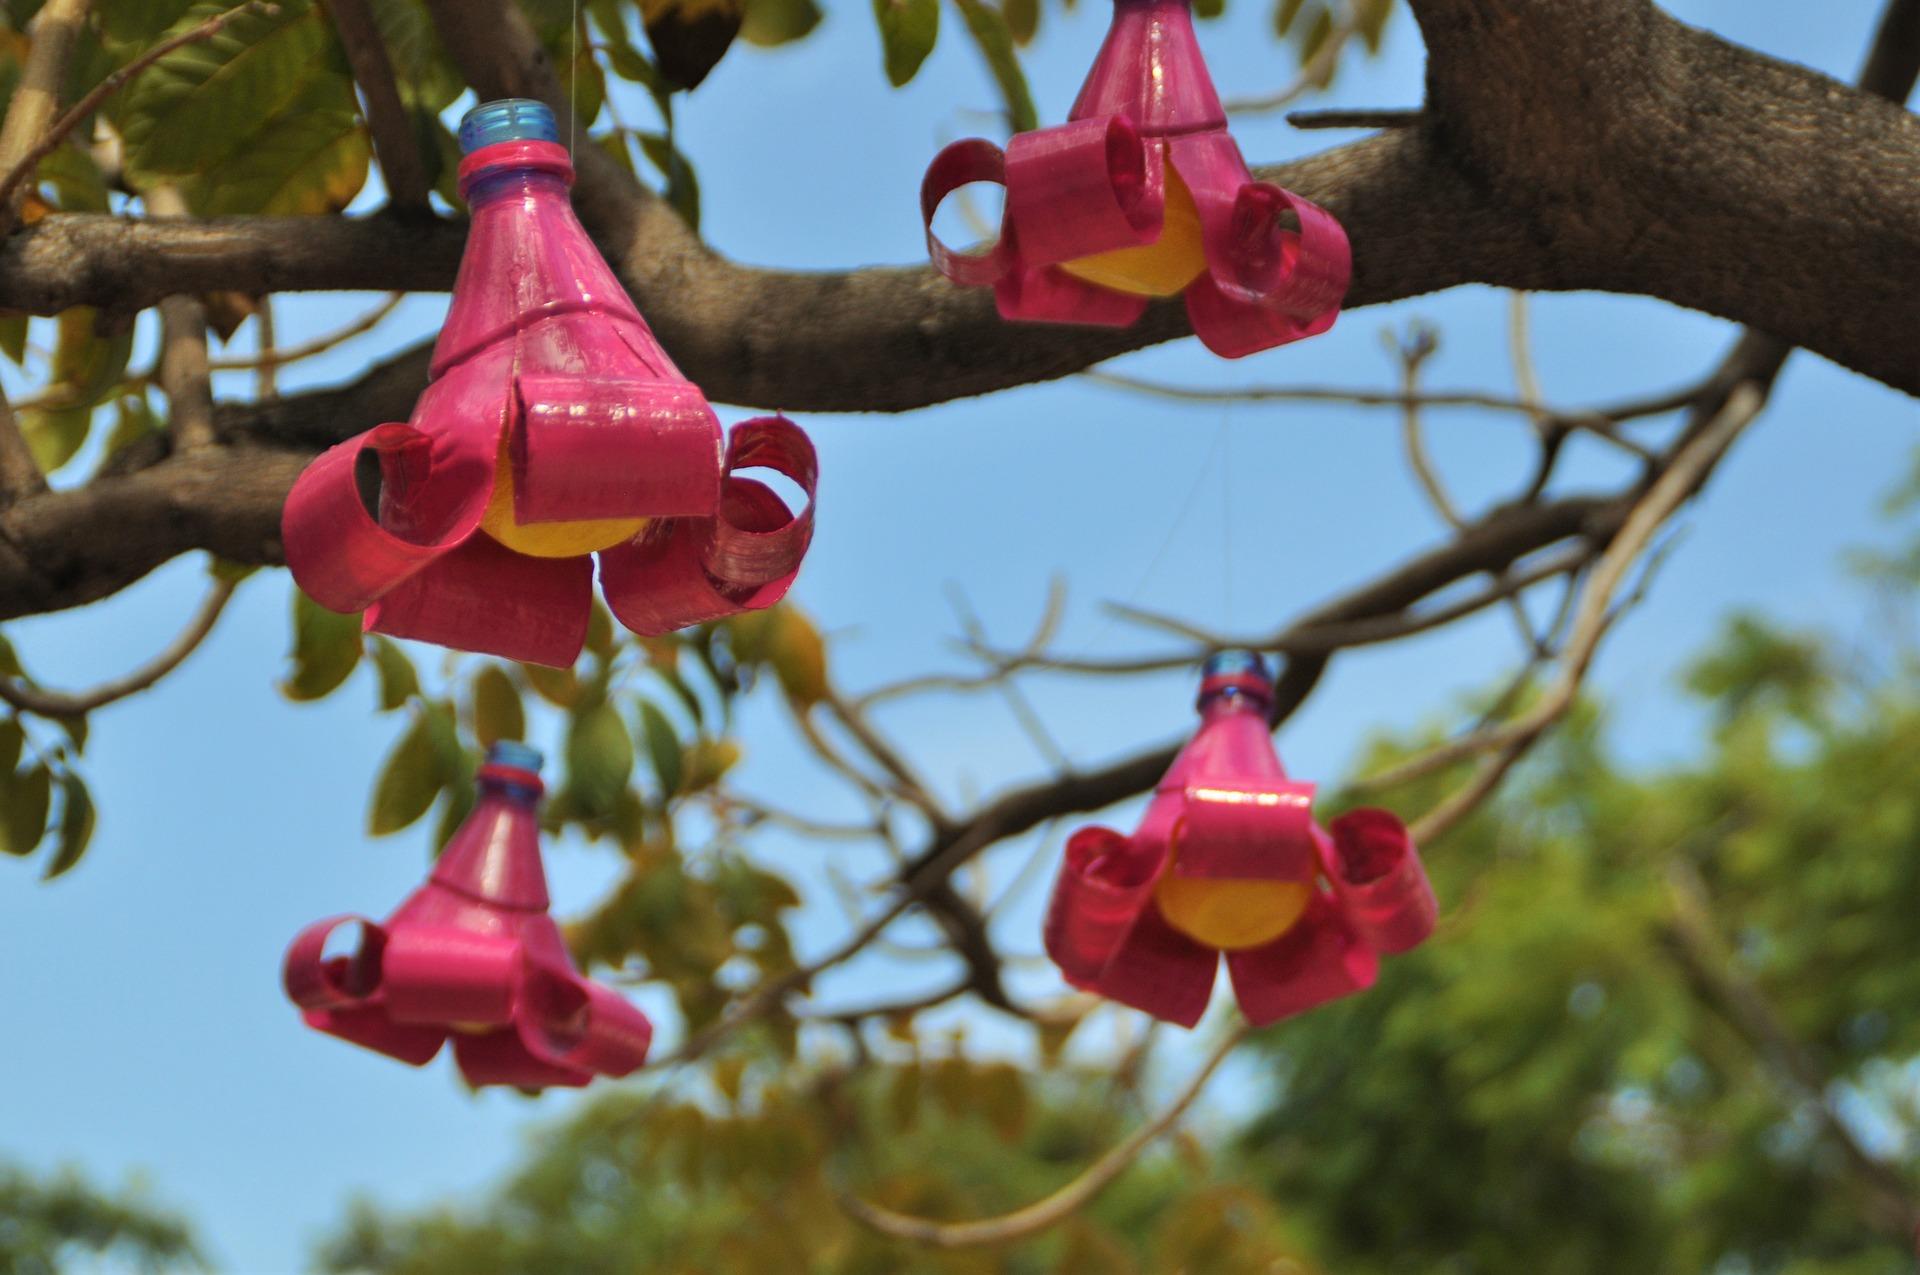 Blumenblüten-Schmuck aus Plastikflaschen